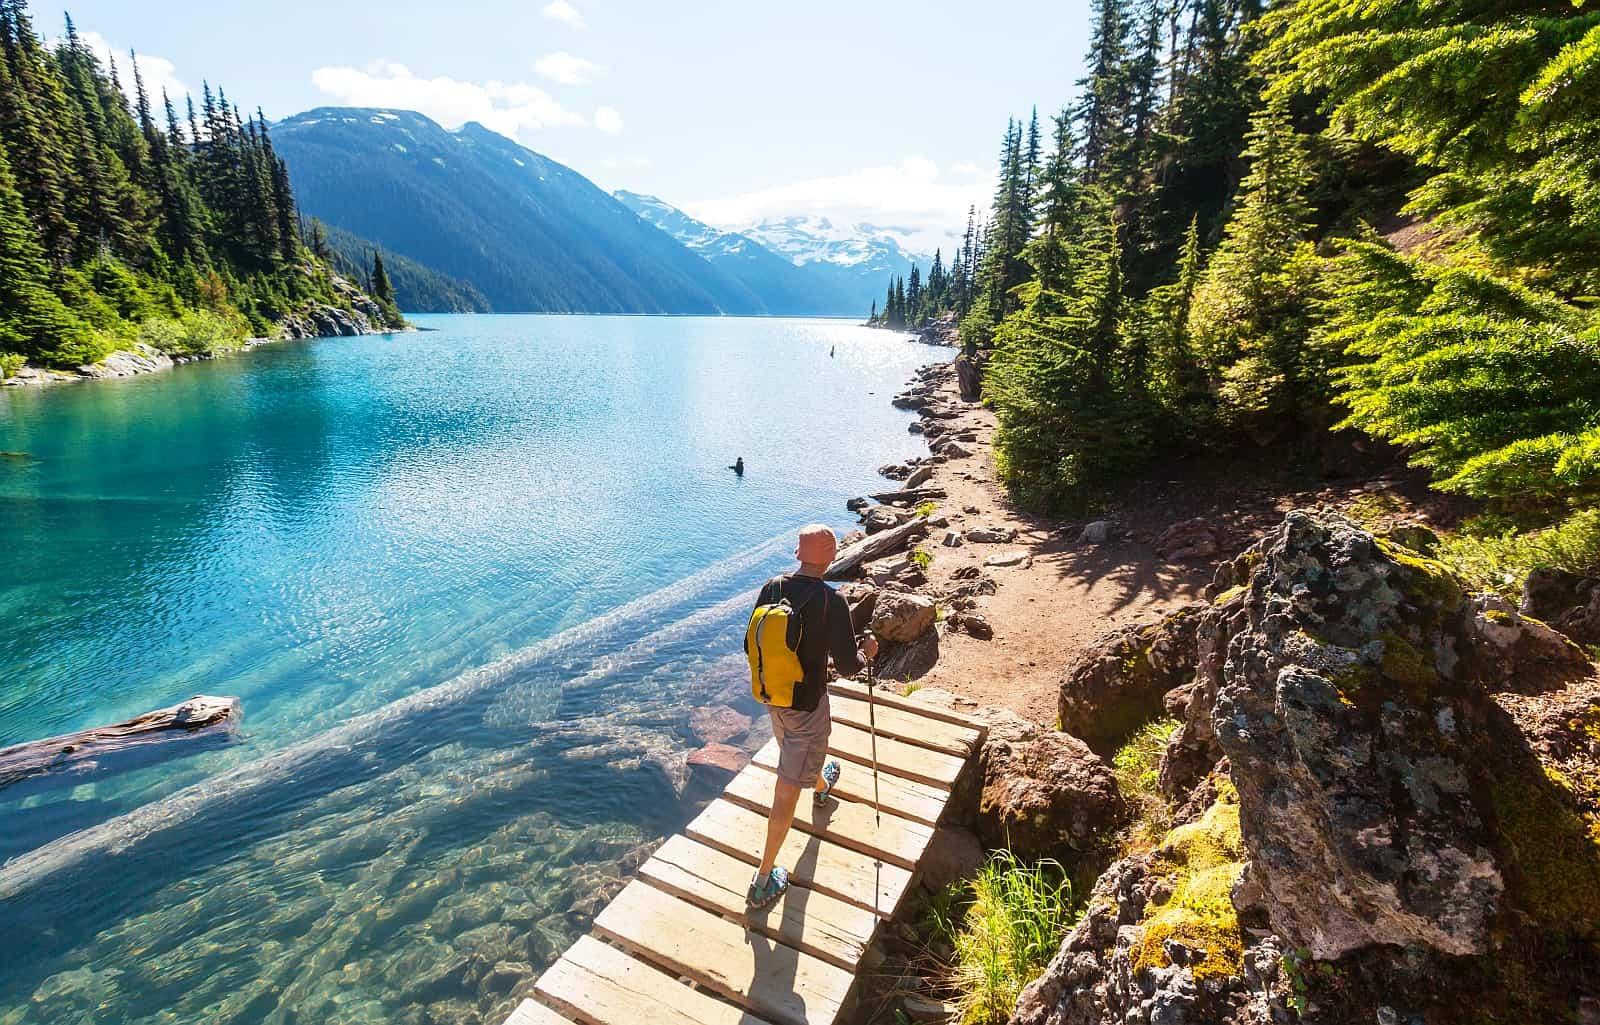 Unendliche viele Trails laden in Kanada zum Wandern ein.